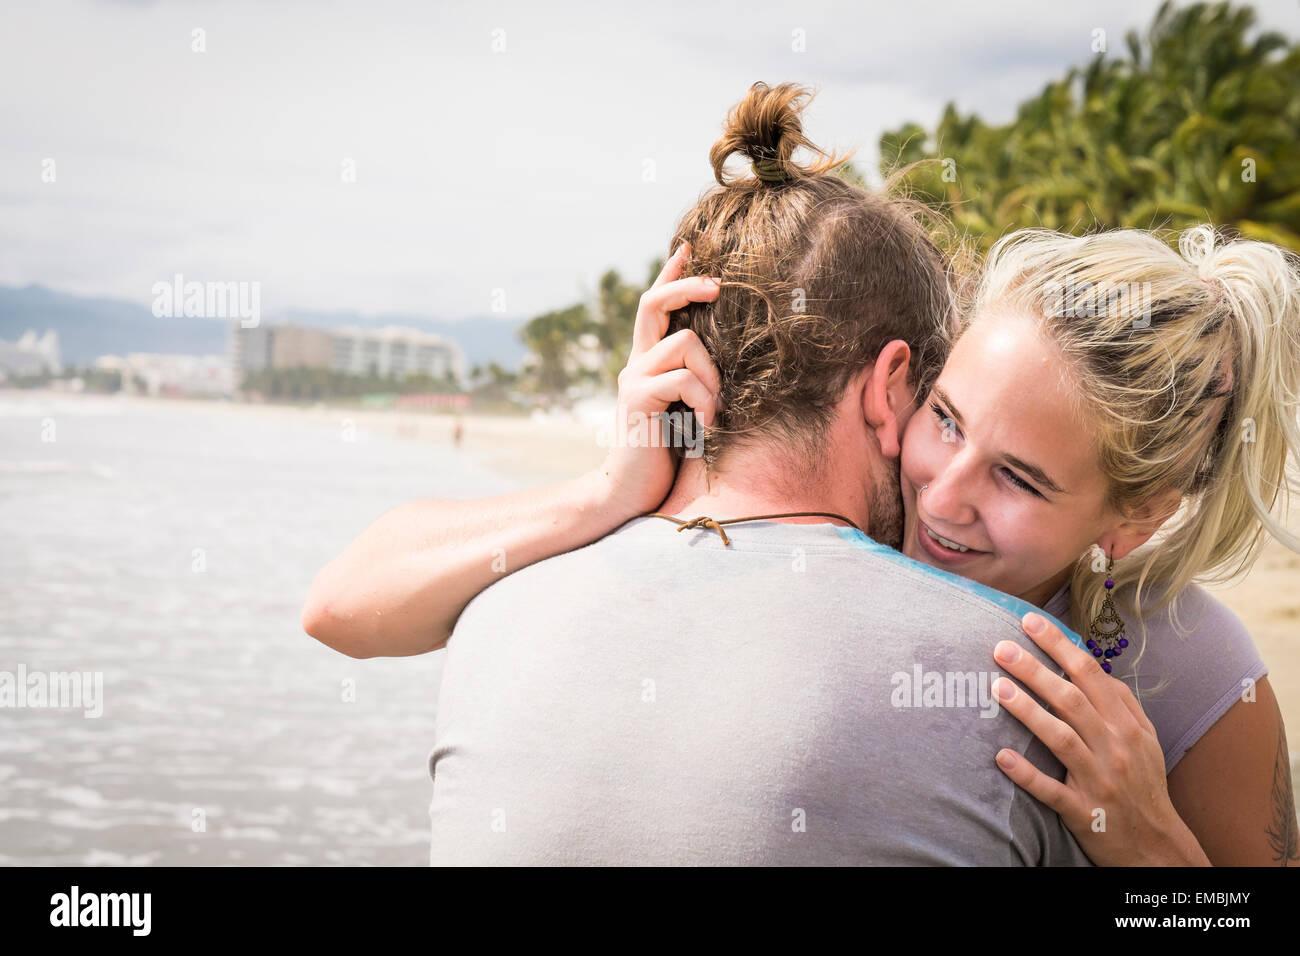 Joven joven, abrazan sonrientes, en una playa. Riviera Nayarit, Pacific Coast, México Imagen De Stock